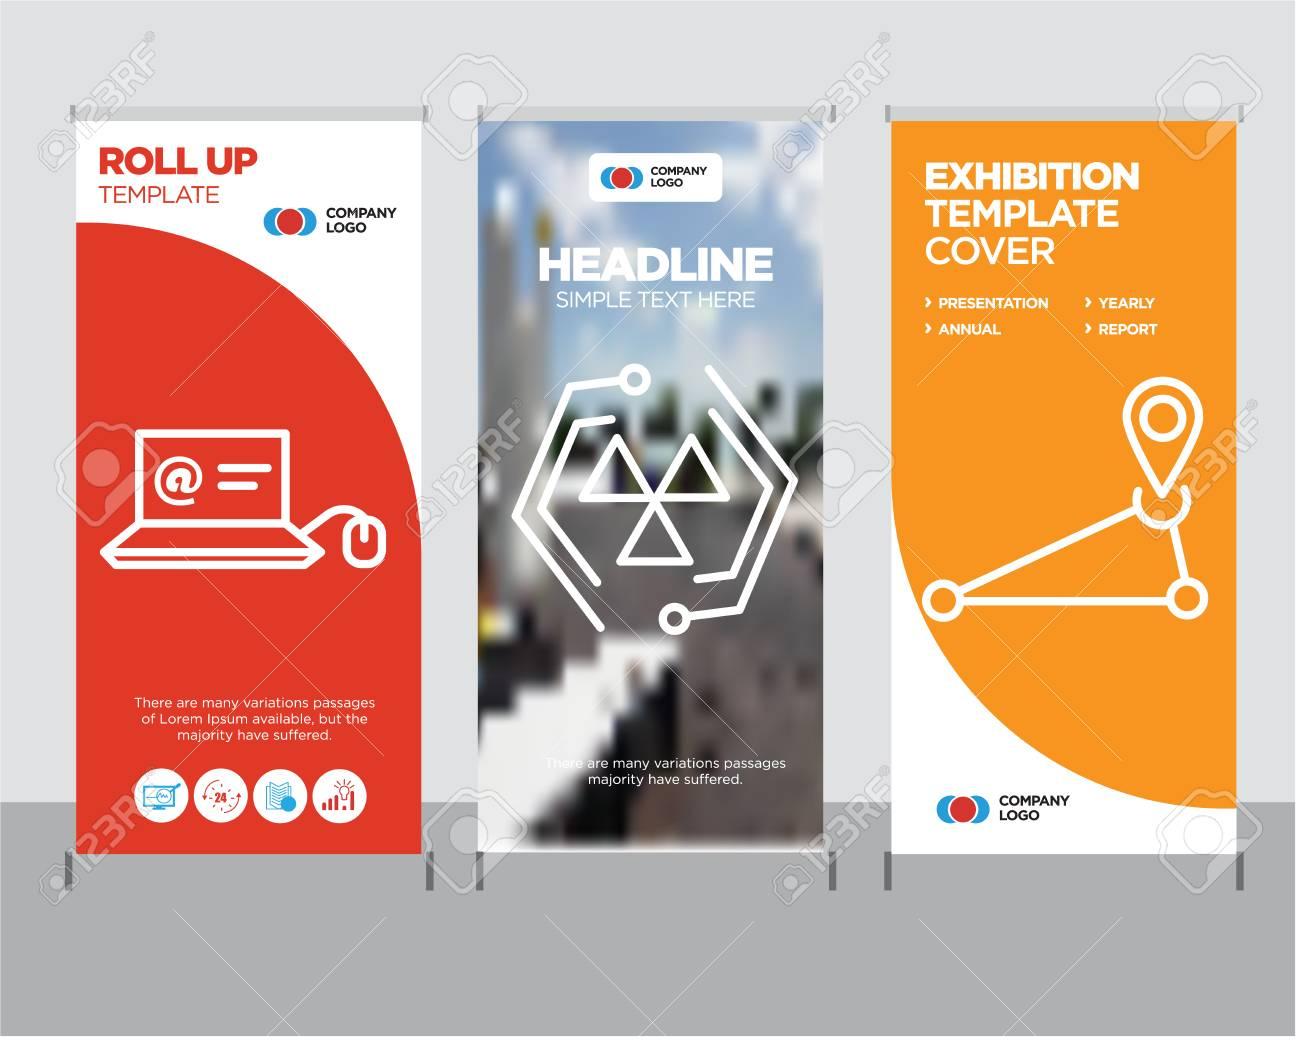 pin modern business roll up banner design template cells creative